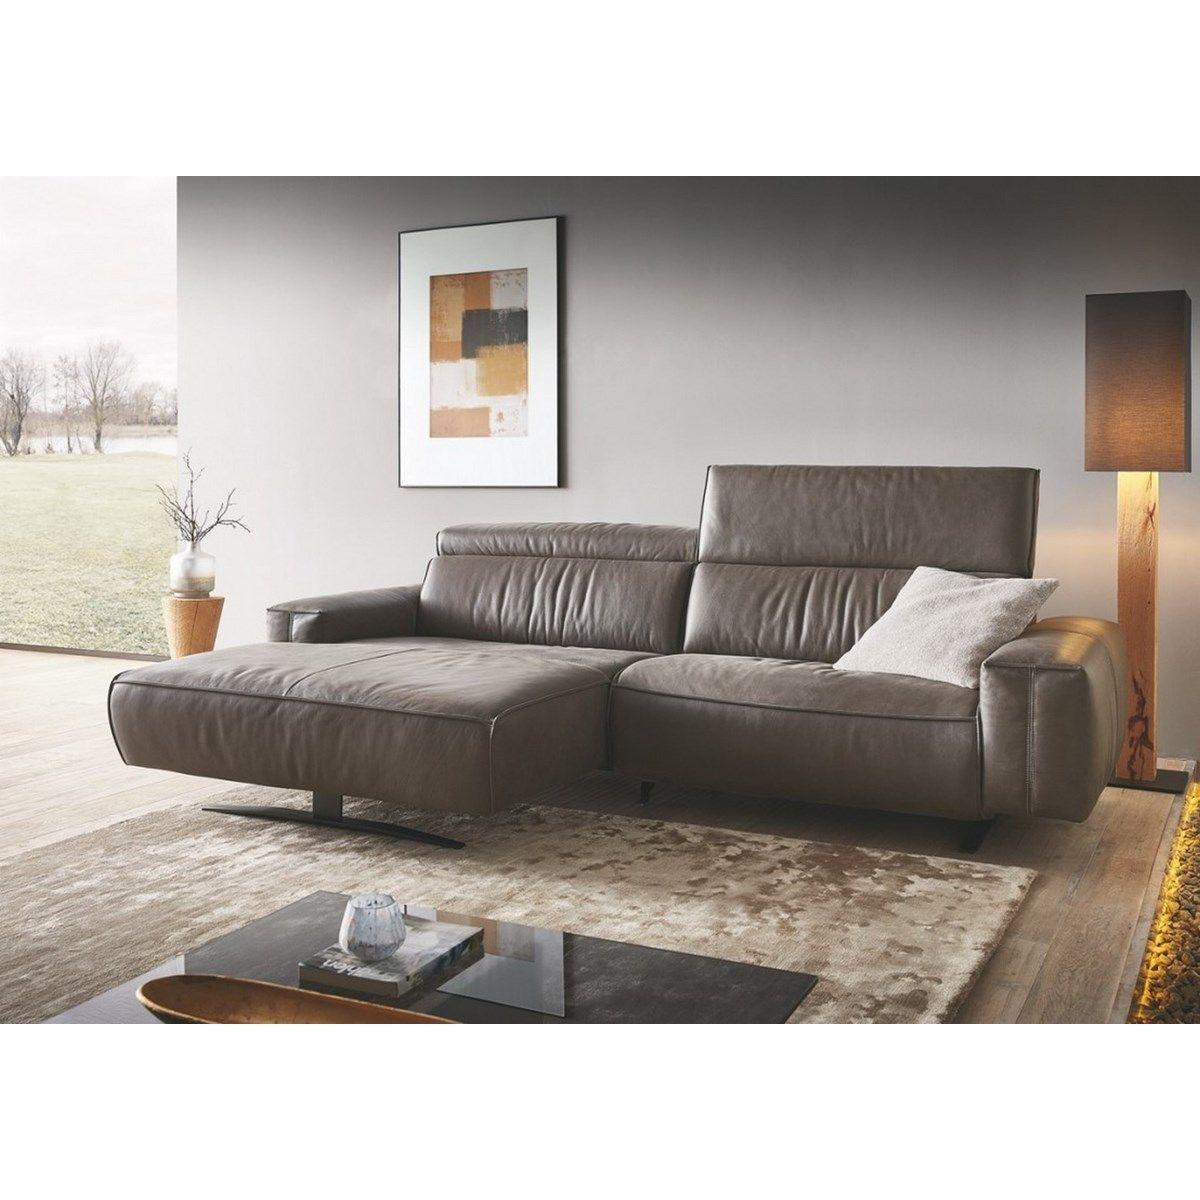 Petit canapé angle Cuir chaise longue très large EXOVILLE TM